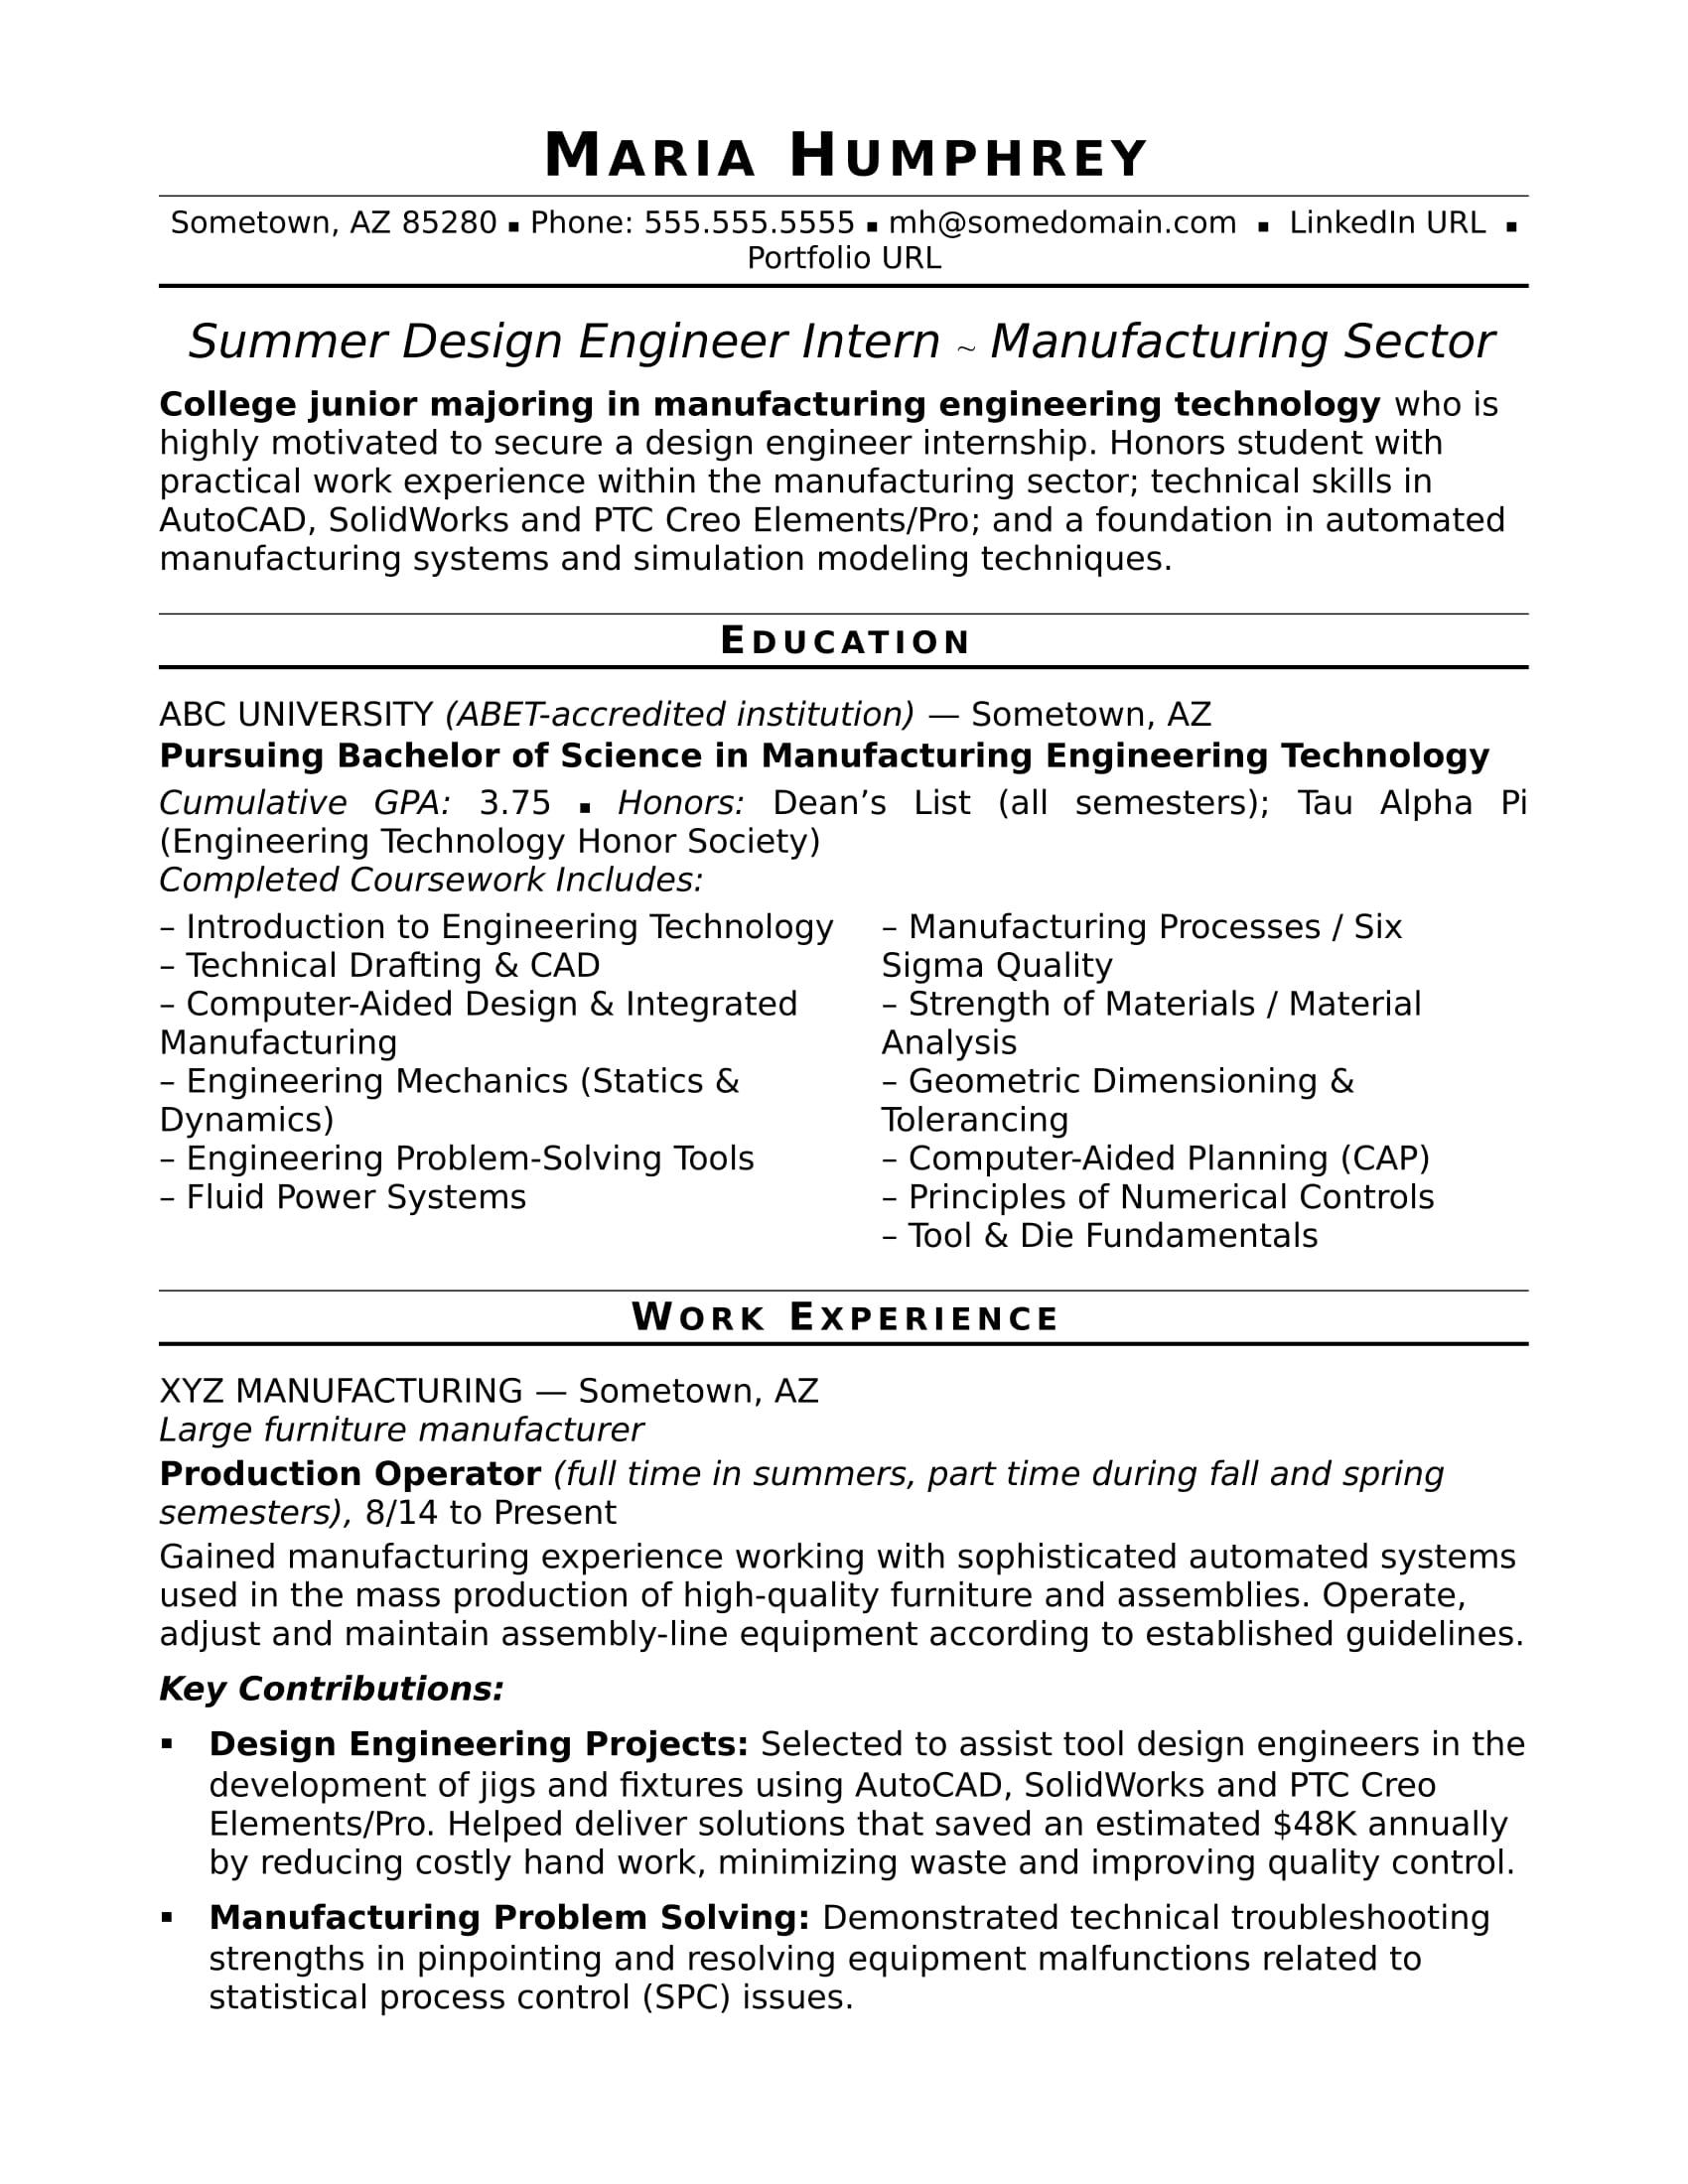 Sample Resume For An Entry Level Design Engineer Monster Com